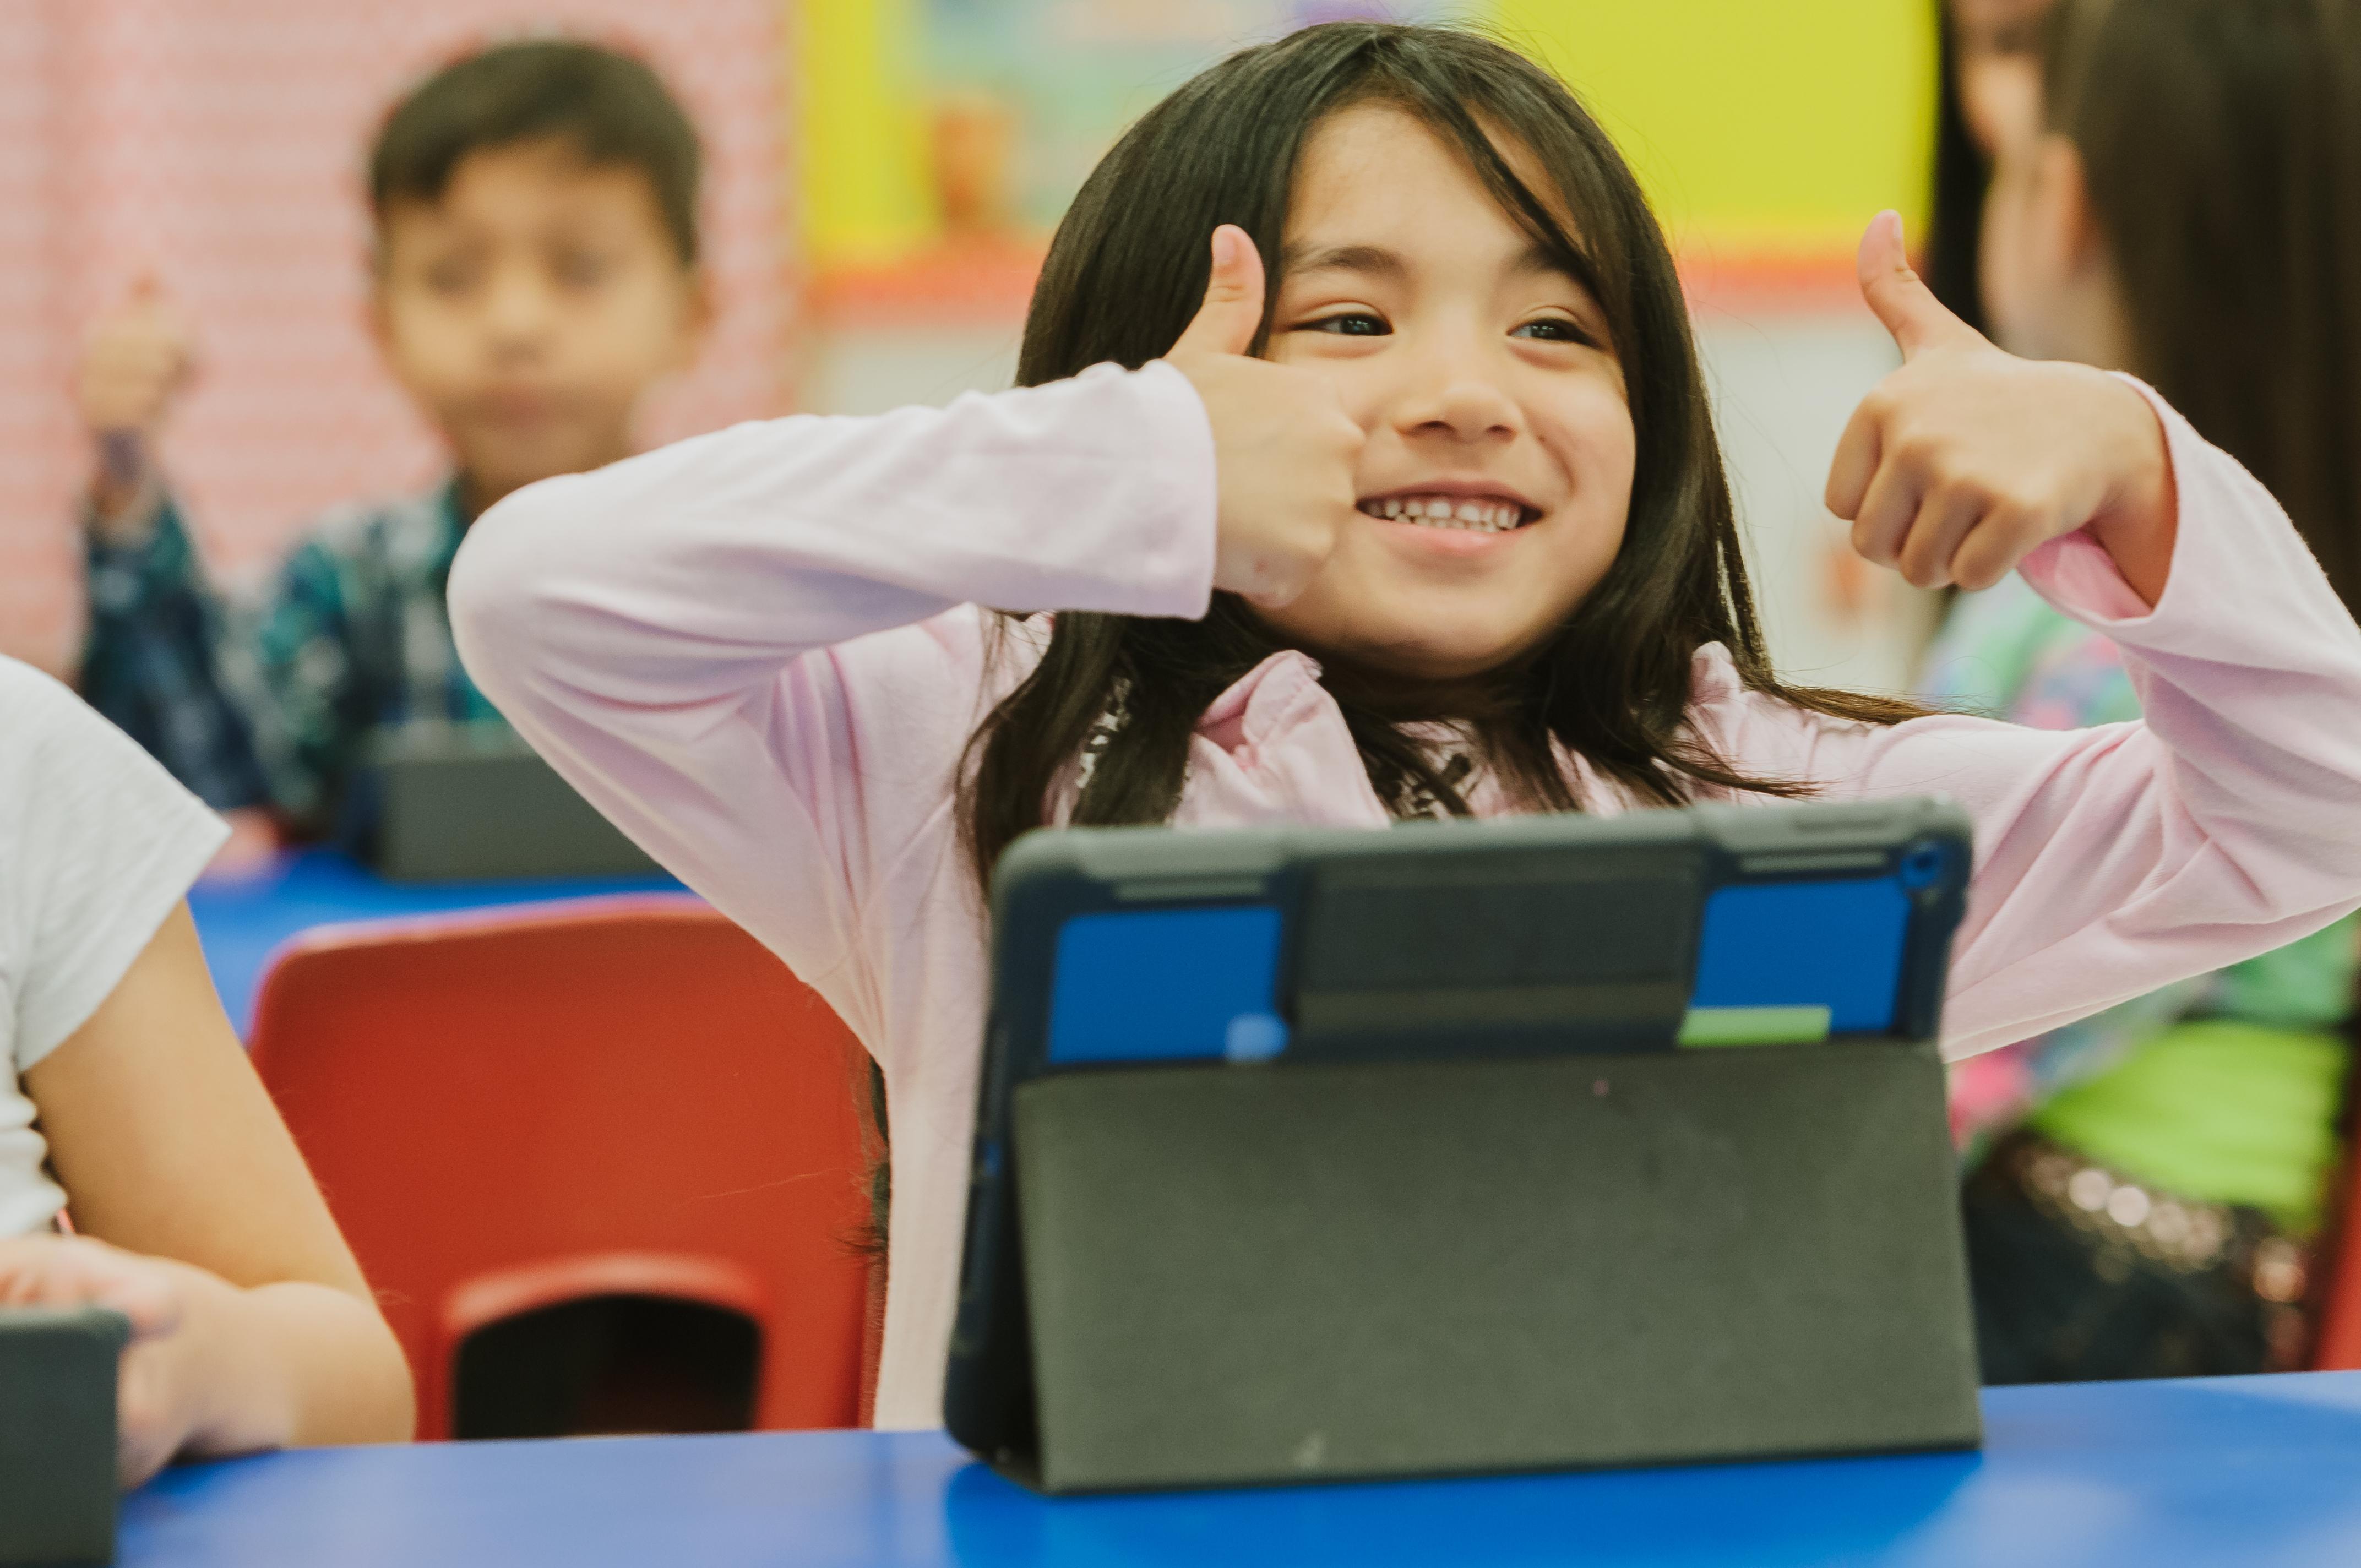 HCISD escoge Seesaw como la plataforma de aprendizaje para el nivel primaria.